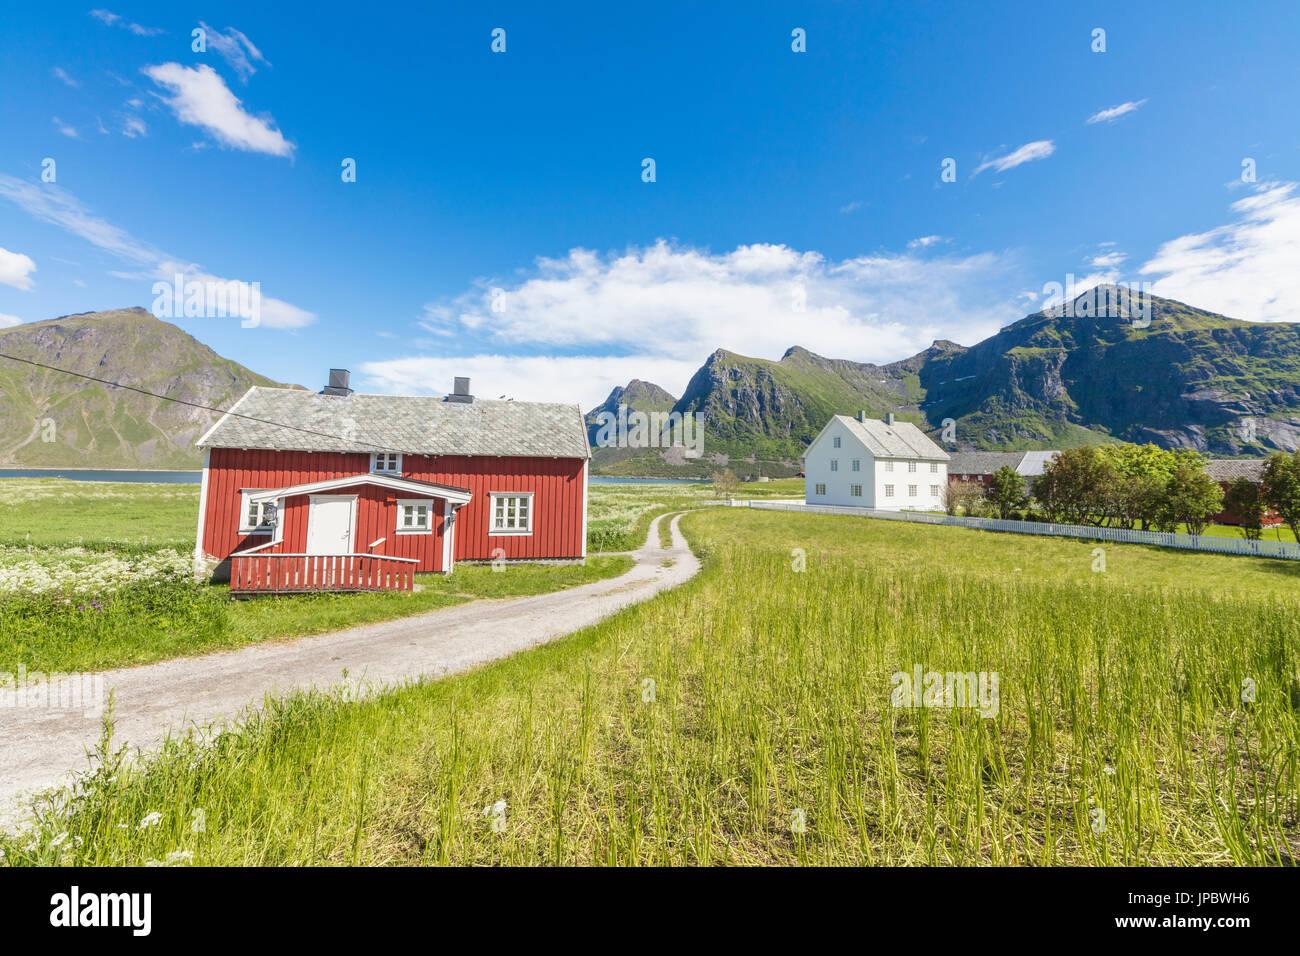 L'herbe verte des prés et les maisons typiques du châssis appelé Rorbu dans le village de pêcheurs de Flakstad Lofoten, Norvège Europe Photo Stock